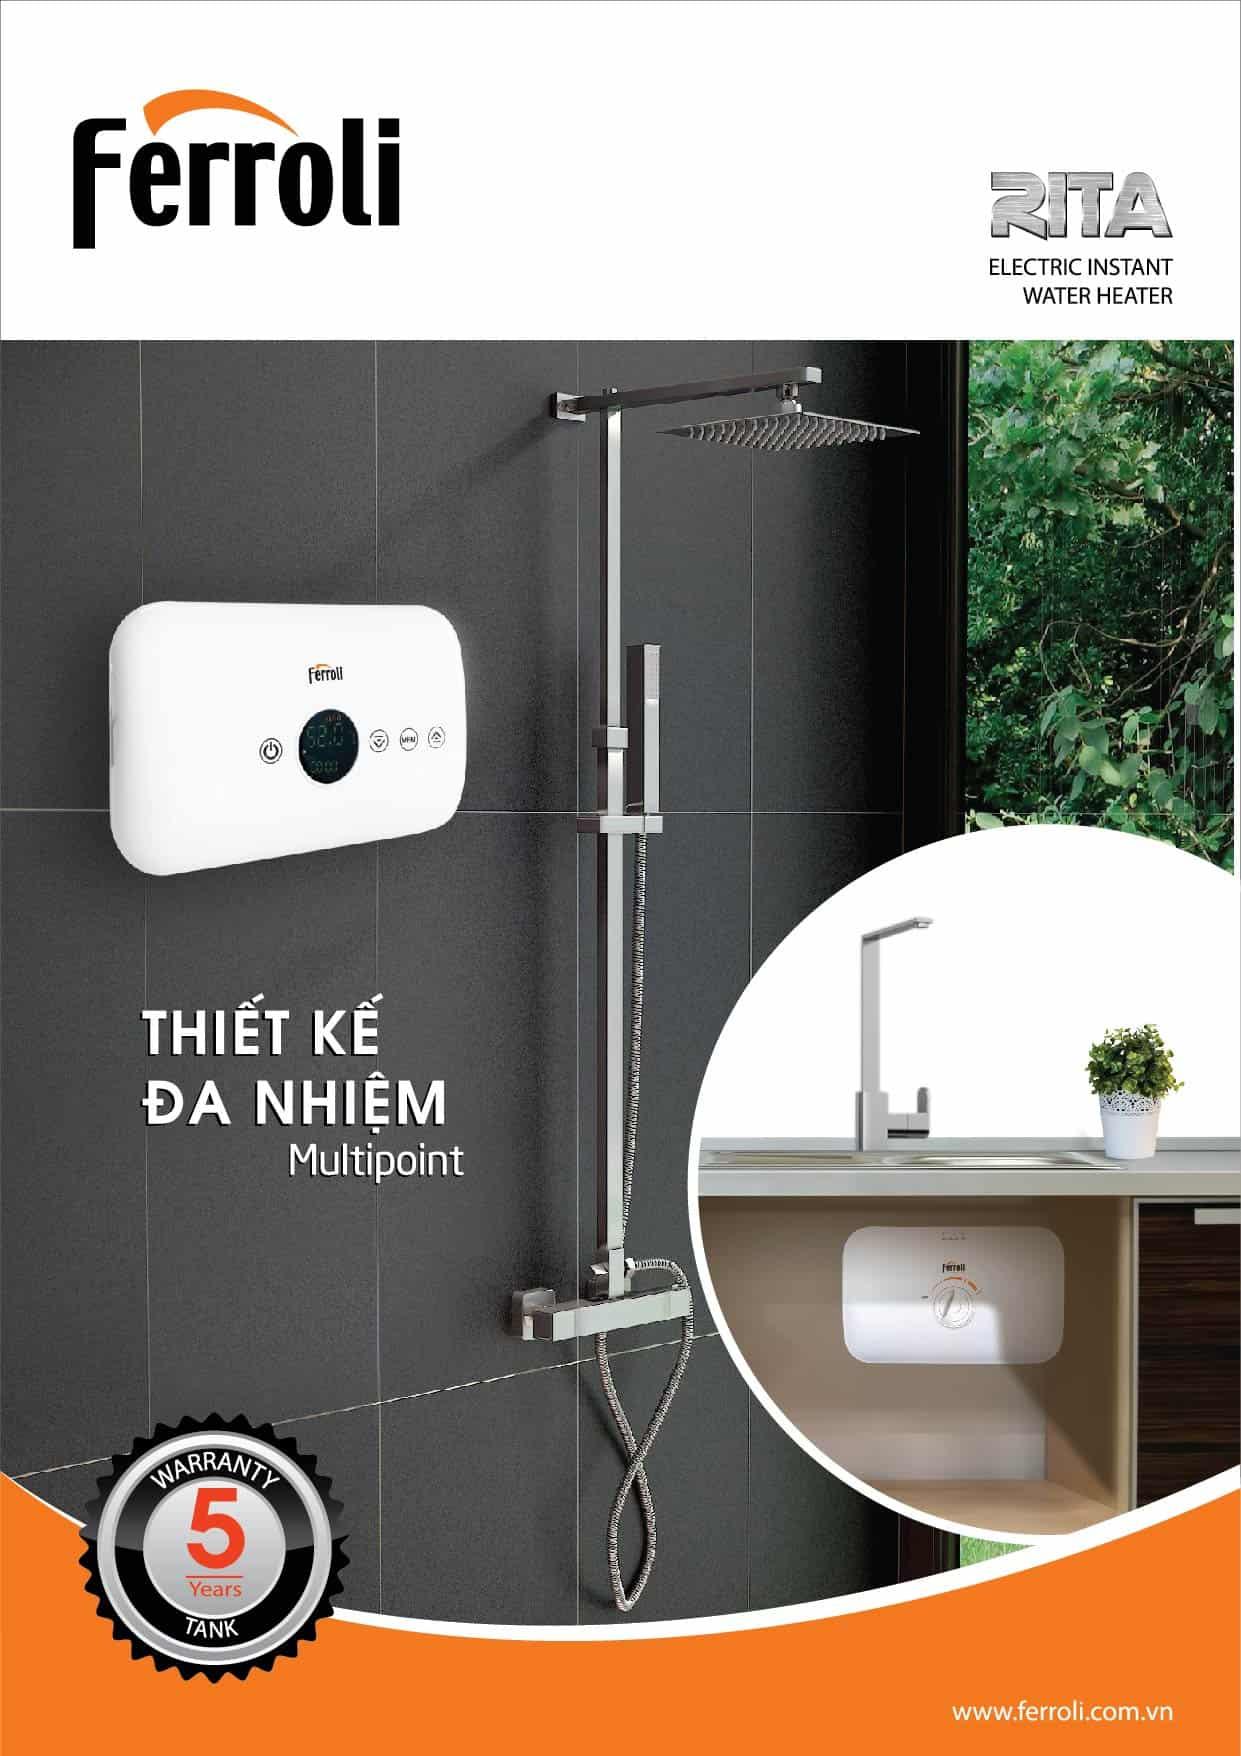 (Tiếng Việt) Bình nước nóng Ferroli Rita – sản phẩm tiện dụng dành cho phòng bếp và phòng tắm